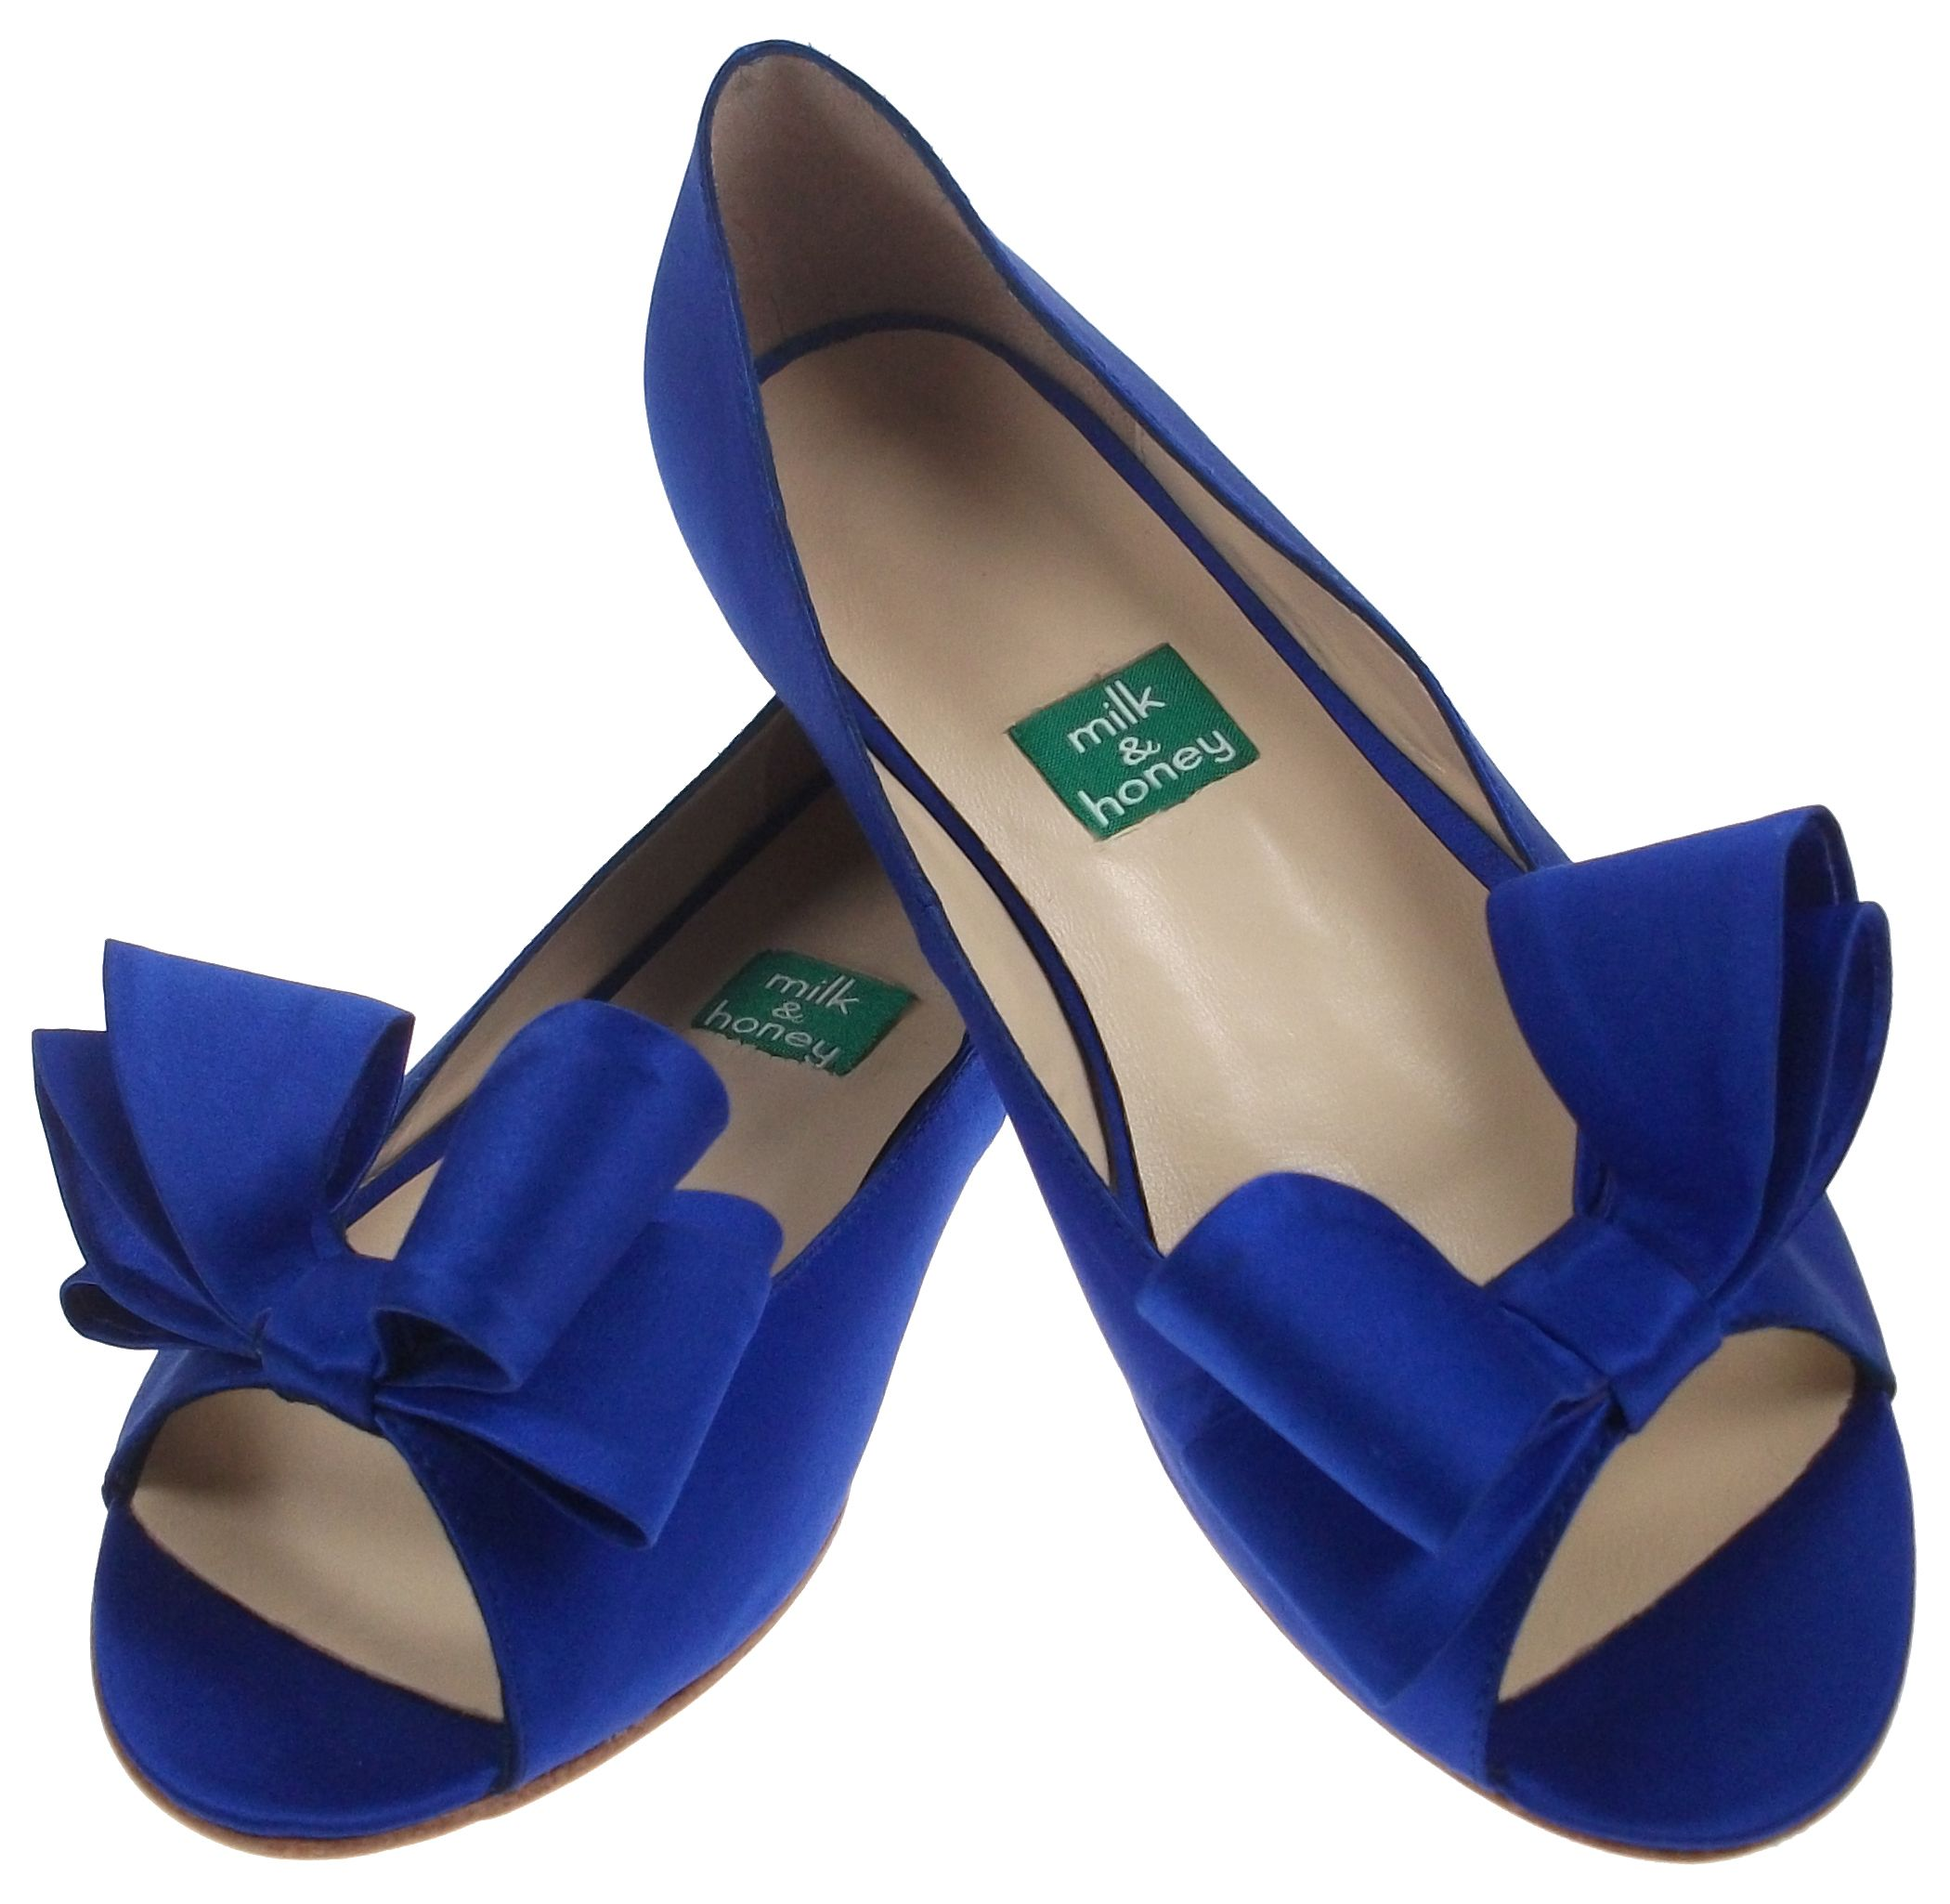 Milk & Honey Blue Peep Toe Satin Flats, $250